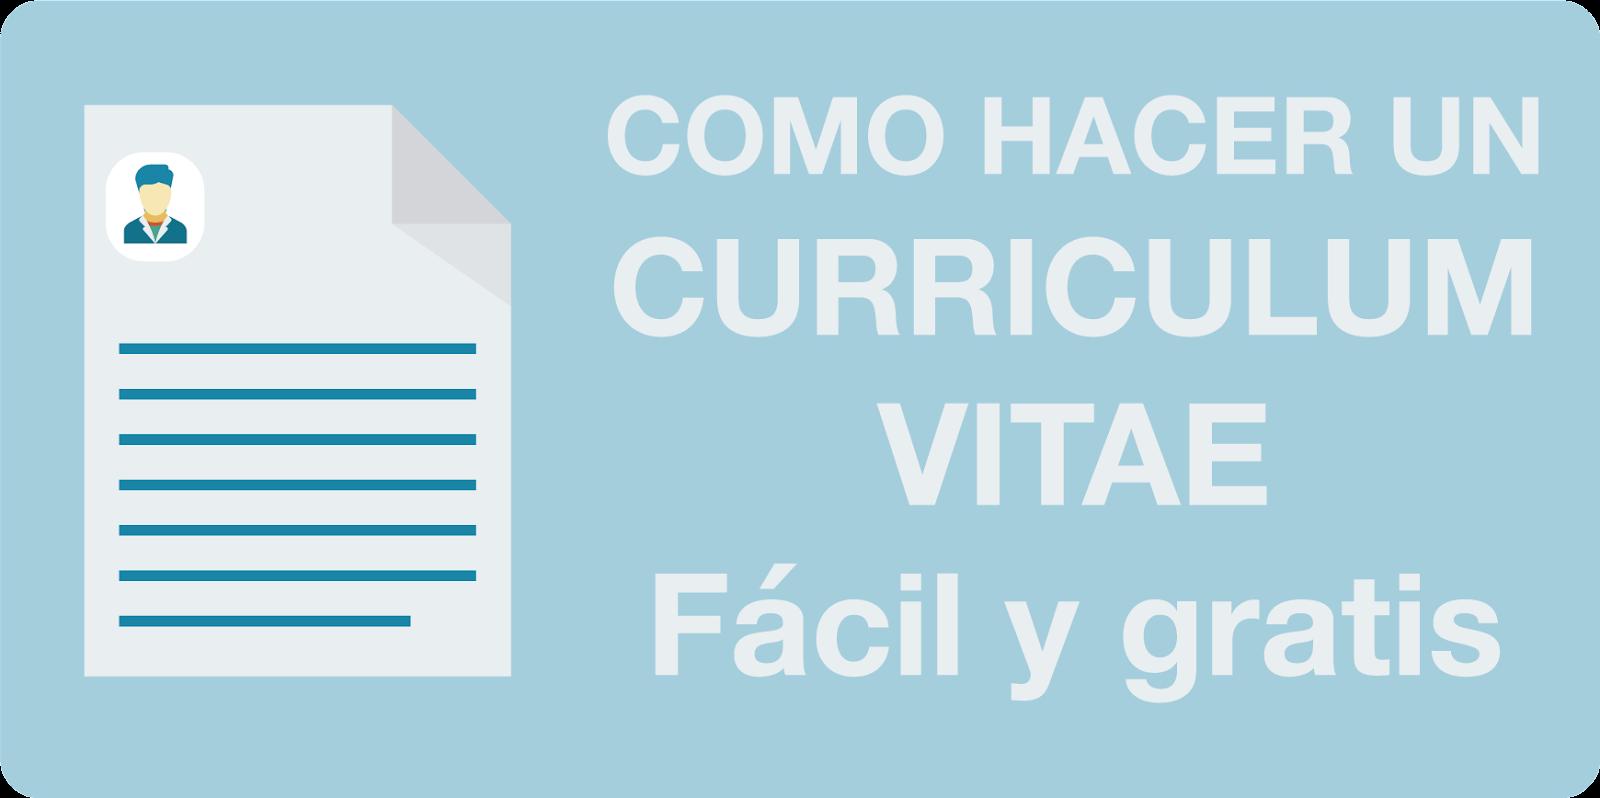 Como Hacer Curriculum Vitae Ejemplos Modelos Y Plantillas De Cv